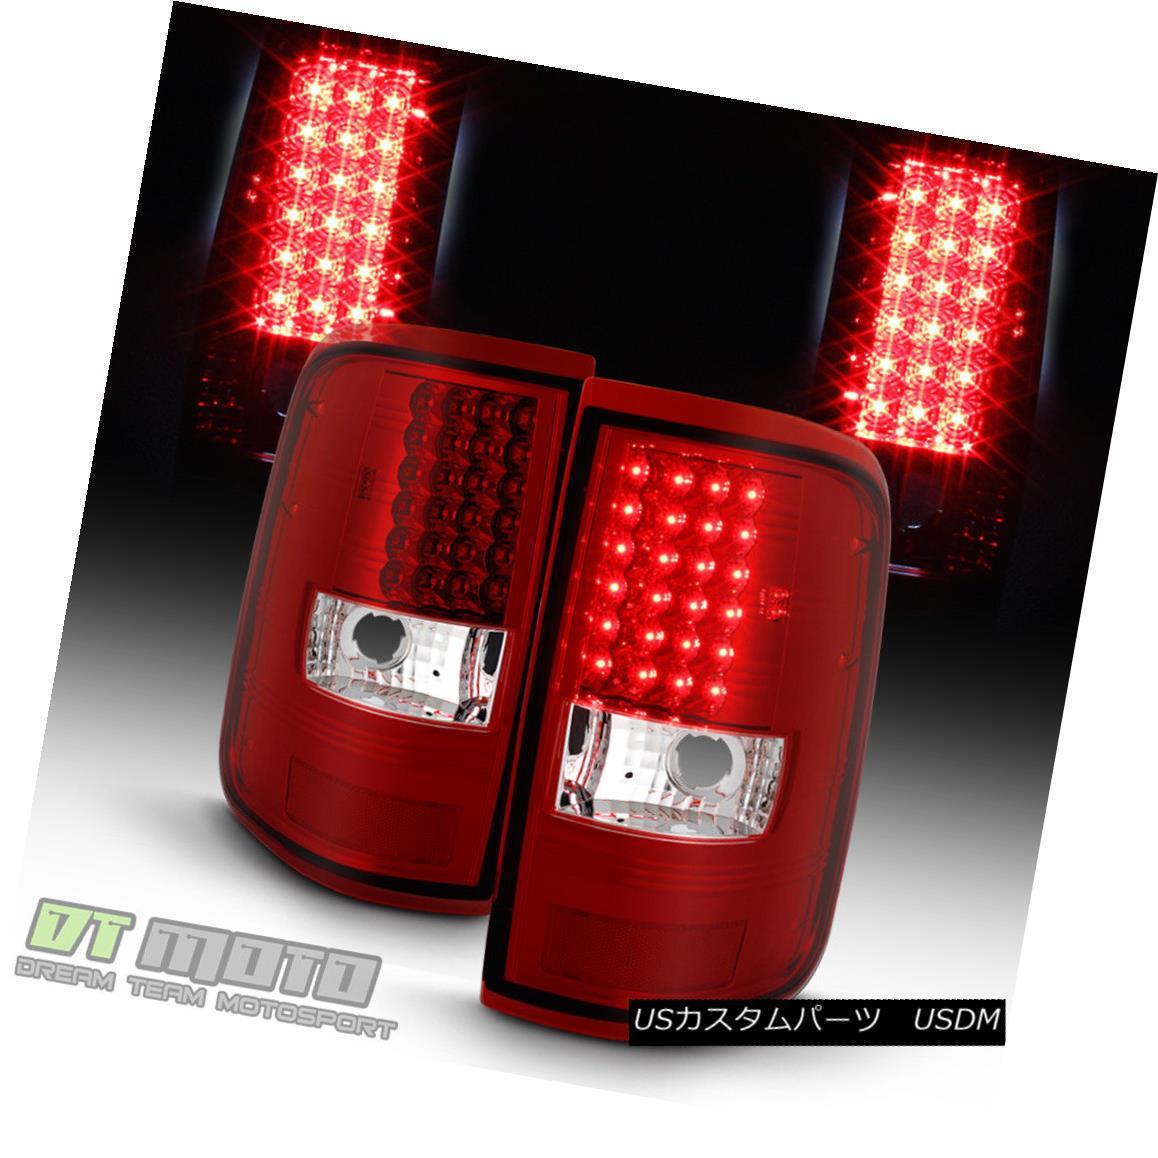 テールライト 2004 2005 2006 2007 2008 Ford F150 Red LED Tail Lights Brake Lamps Left+Right 2004 2005 2006 2007 2008フォードF150レッドLEDテールライトブレーキランプ左+右